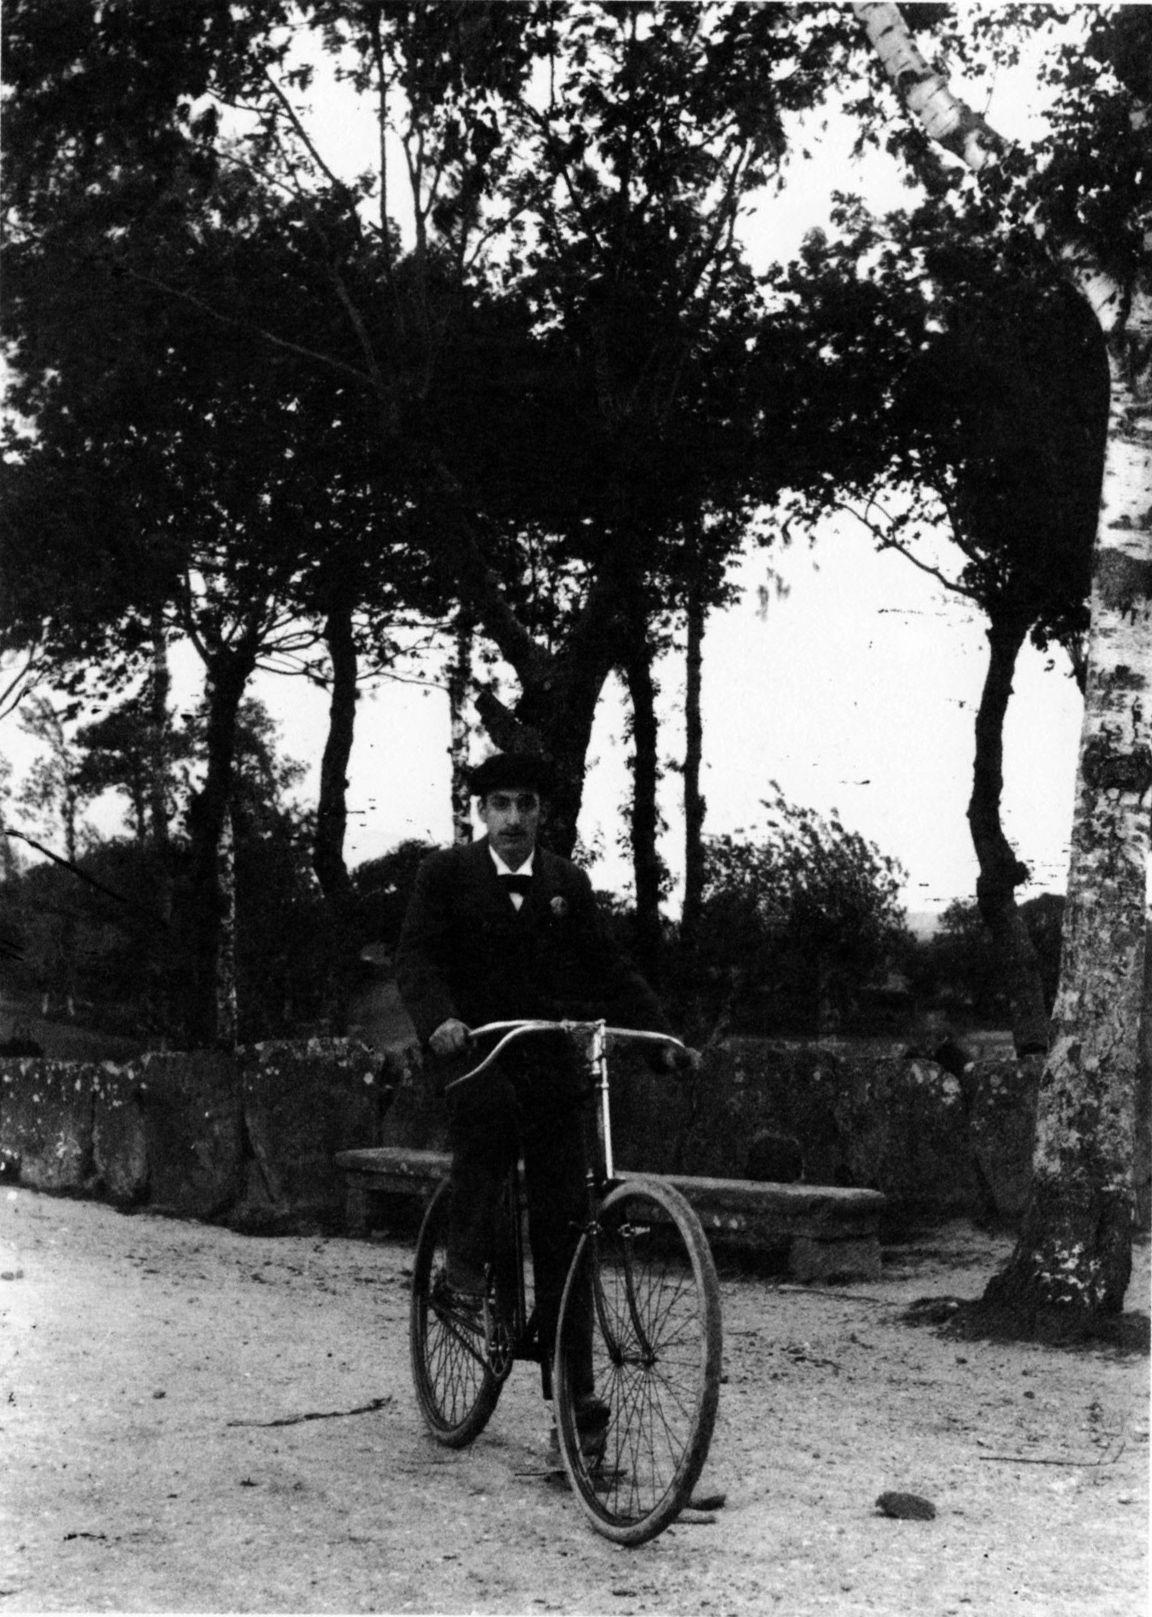 Home en bicicleta